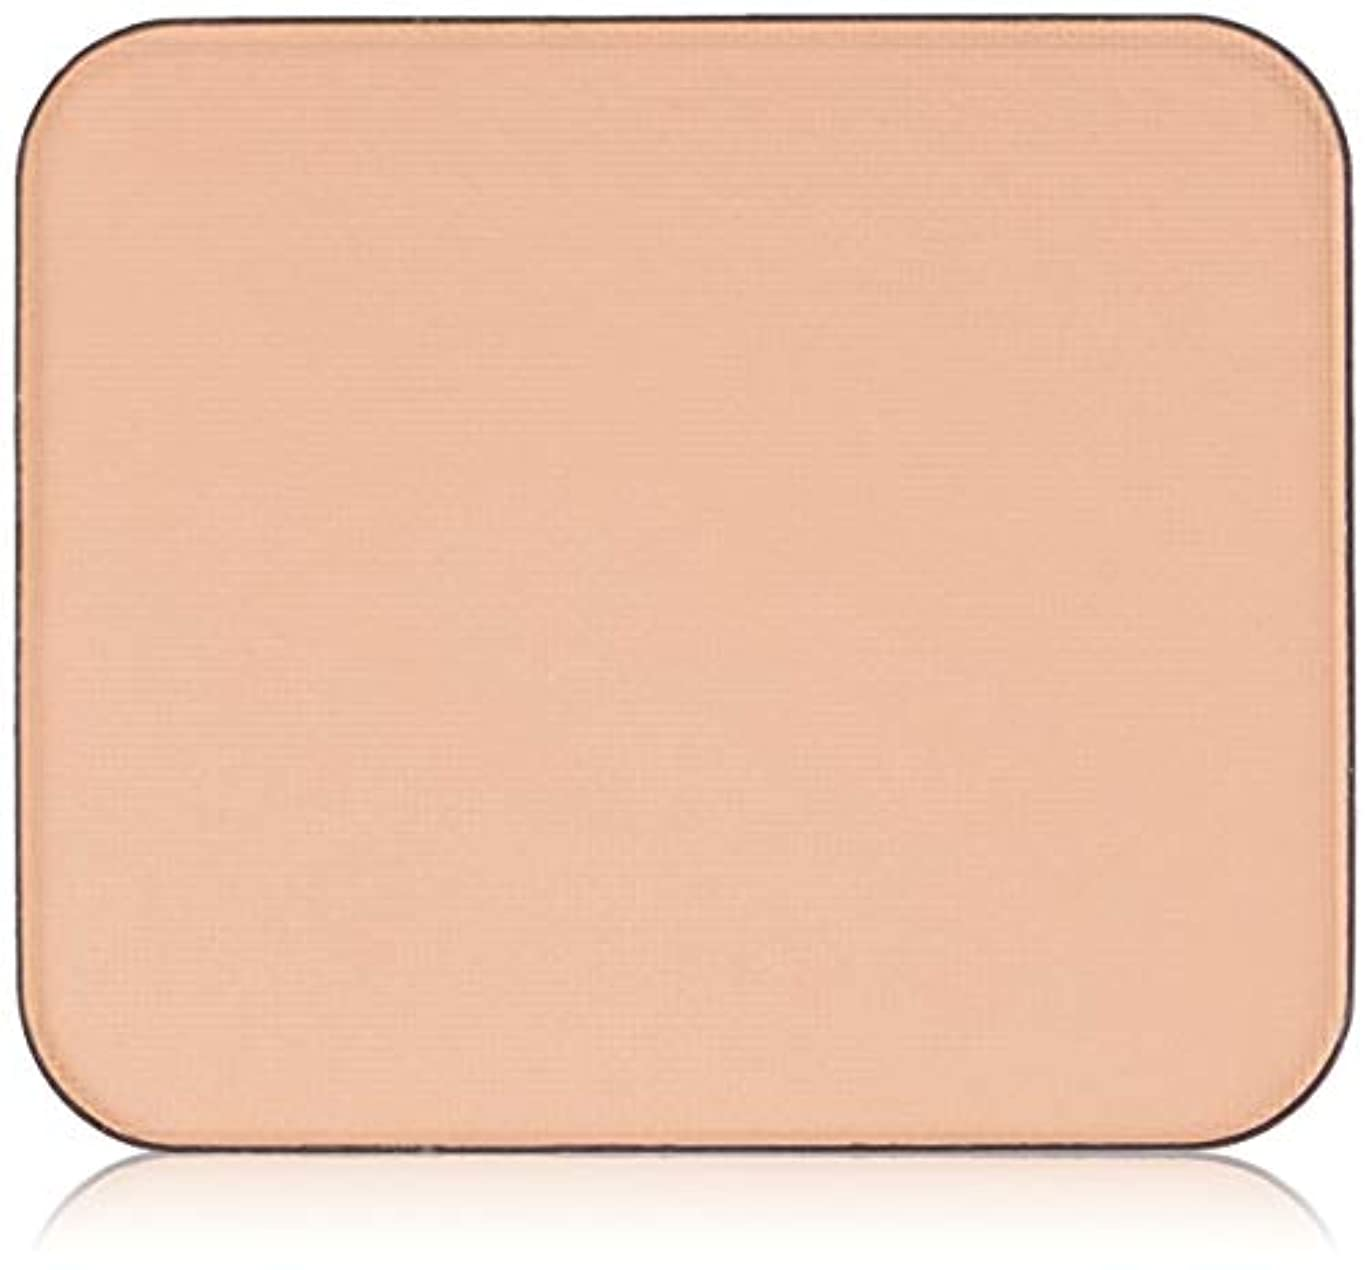 生きているトレーニングファーザーファージュCelvoke(セルヴォーク) インテントスキン パウダーファンデーション 全5色 102 明るいオークル系(標準色)